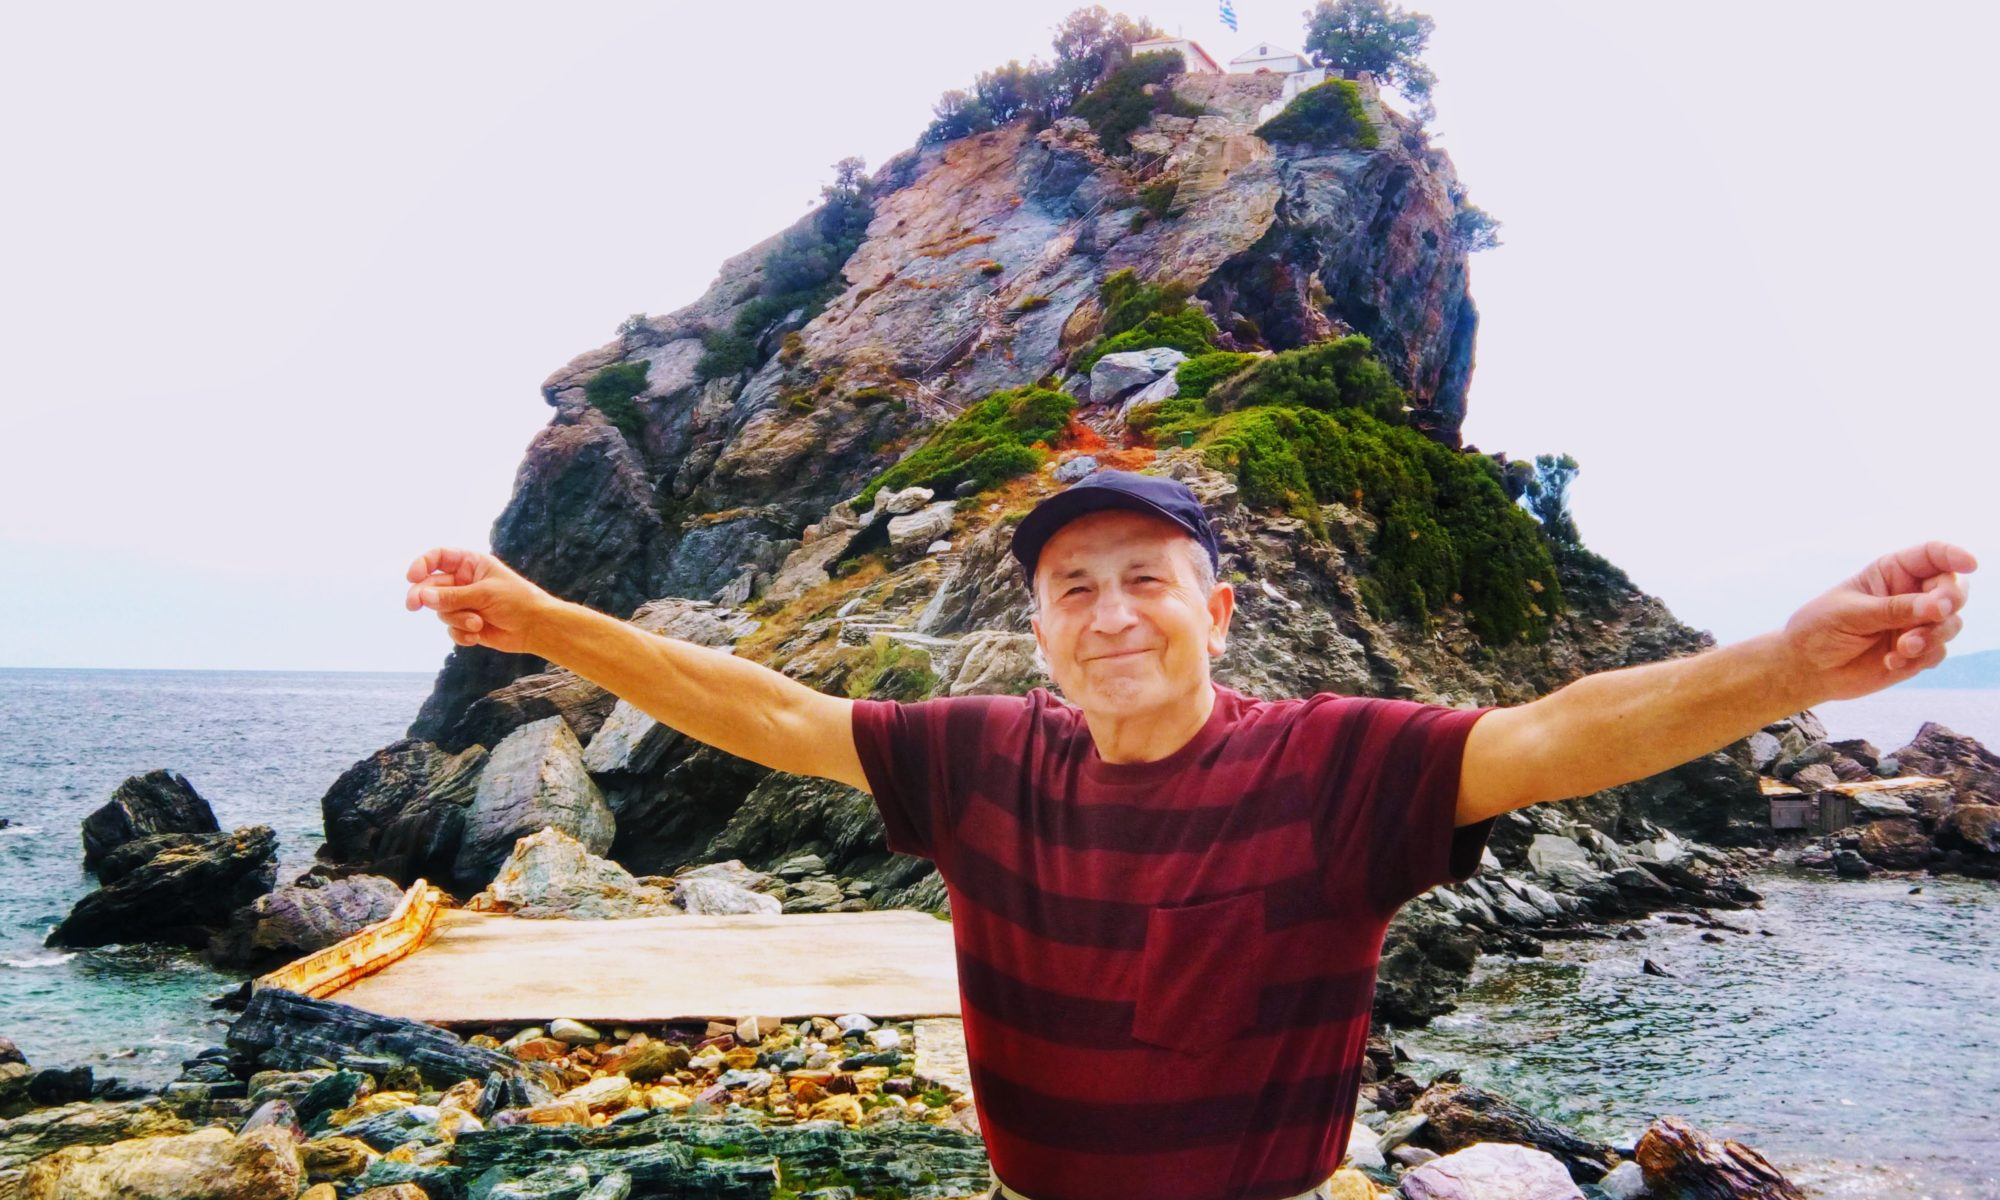 Lebe erfüllt!-Urlaubsseminare - Platon Kiriazidis